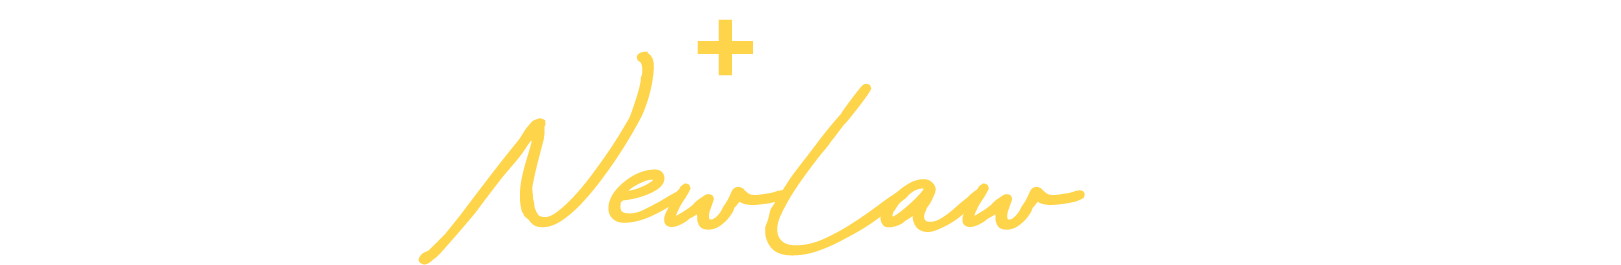 Baretz+Brunelle-NewLaw